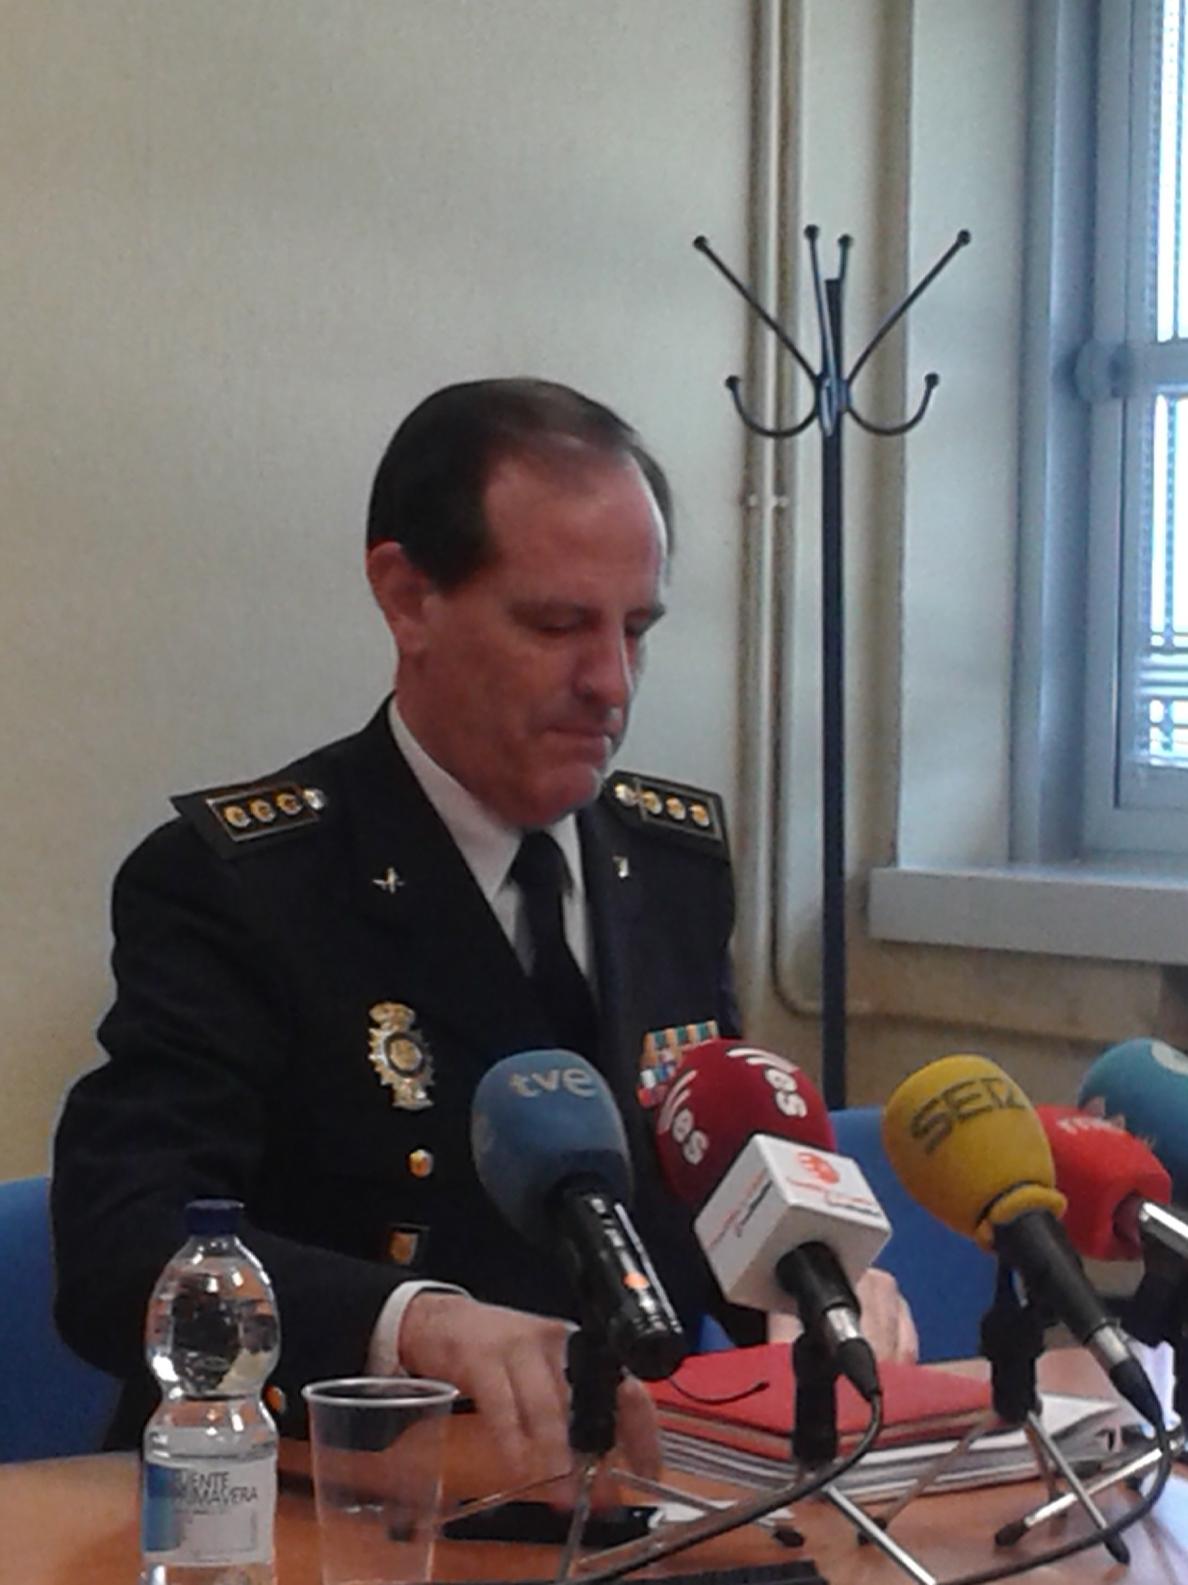 El jefe superior de la Policía aboga por mejorar la seguridad ciudadana con una presencia más eficaz en la calle